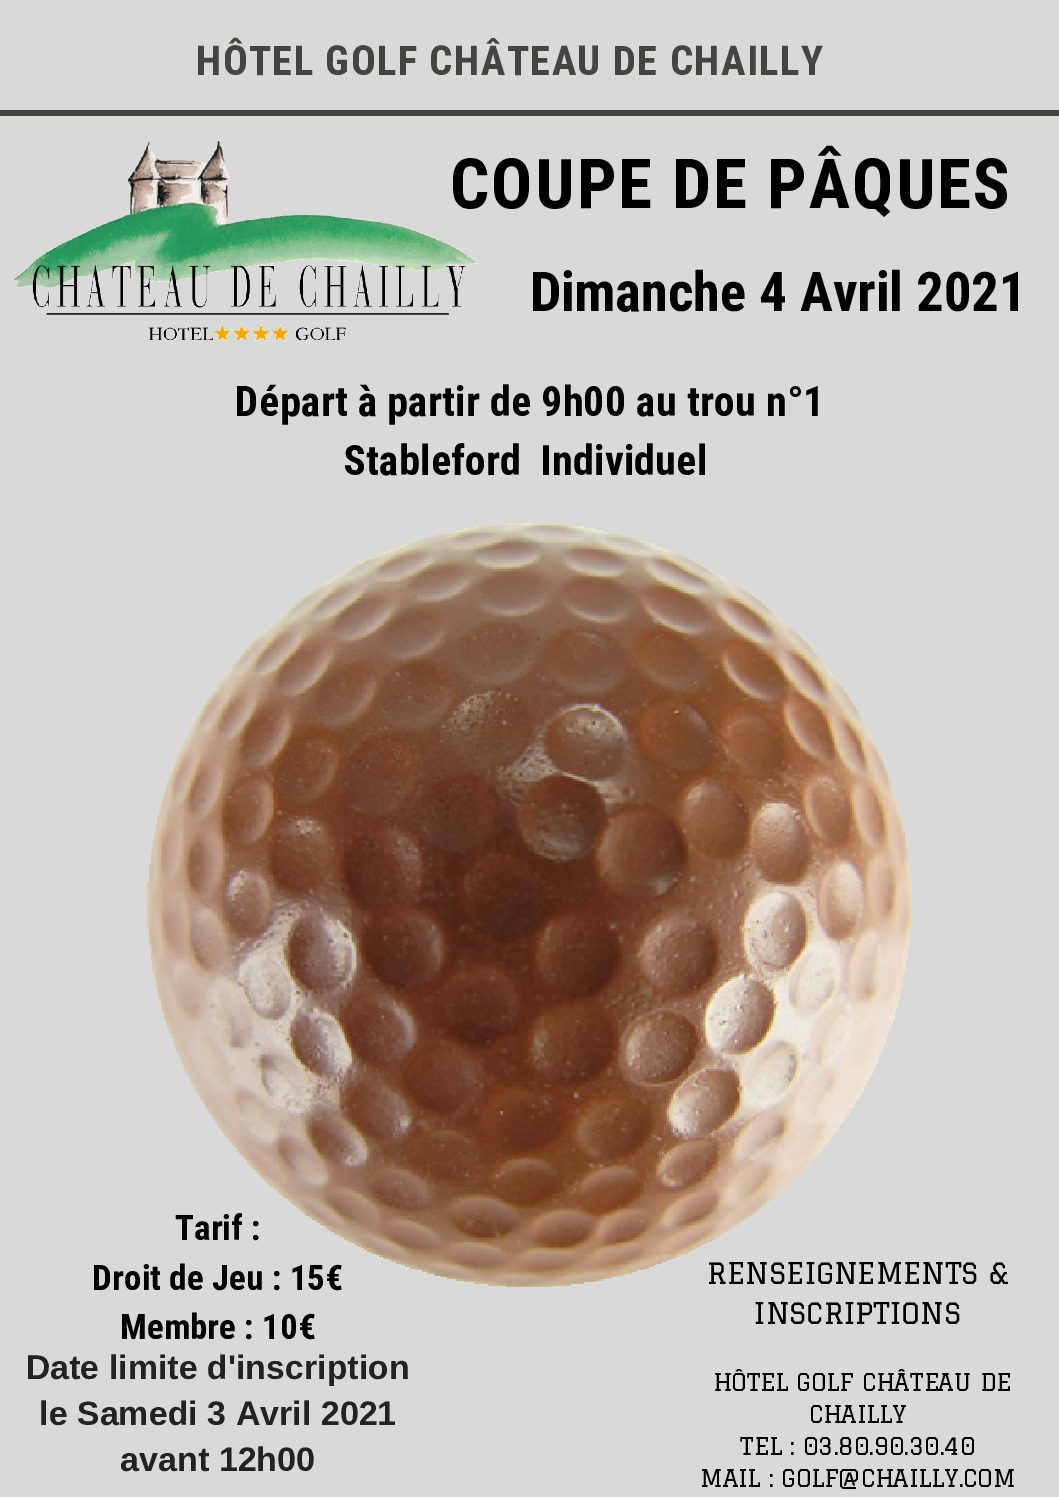 Compétition – Coupe de Pâques – DIM 4 AVRIL 2021